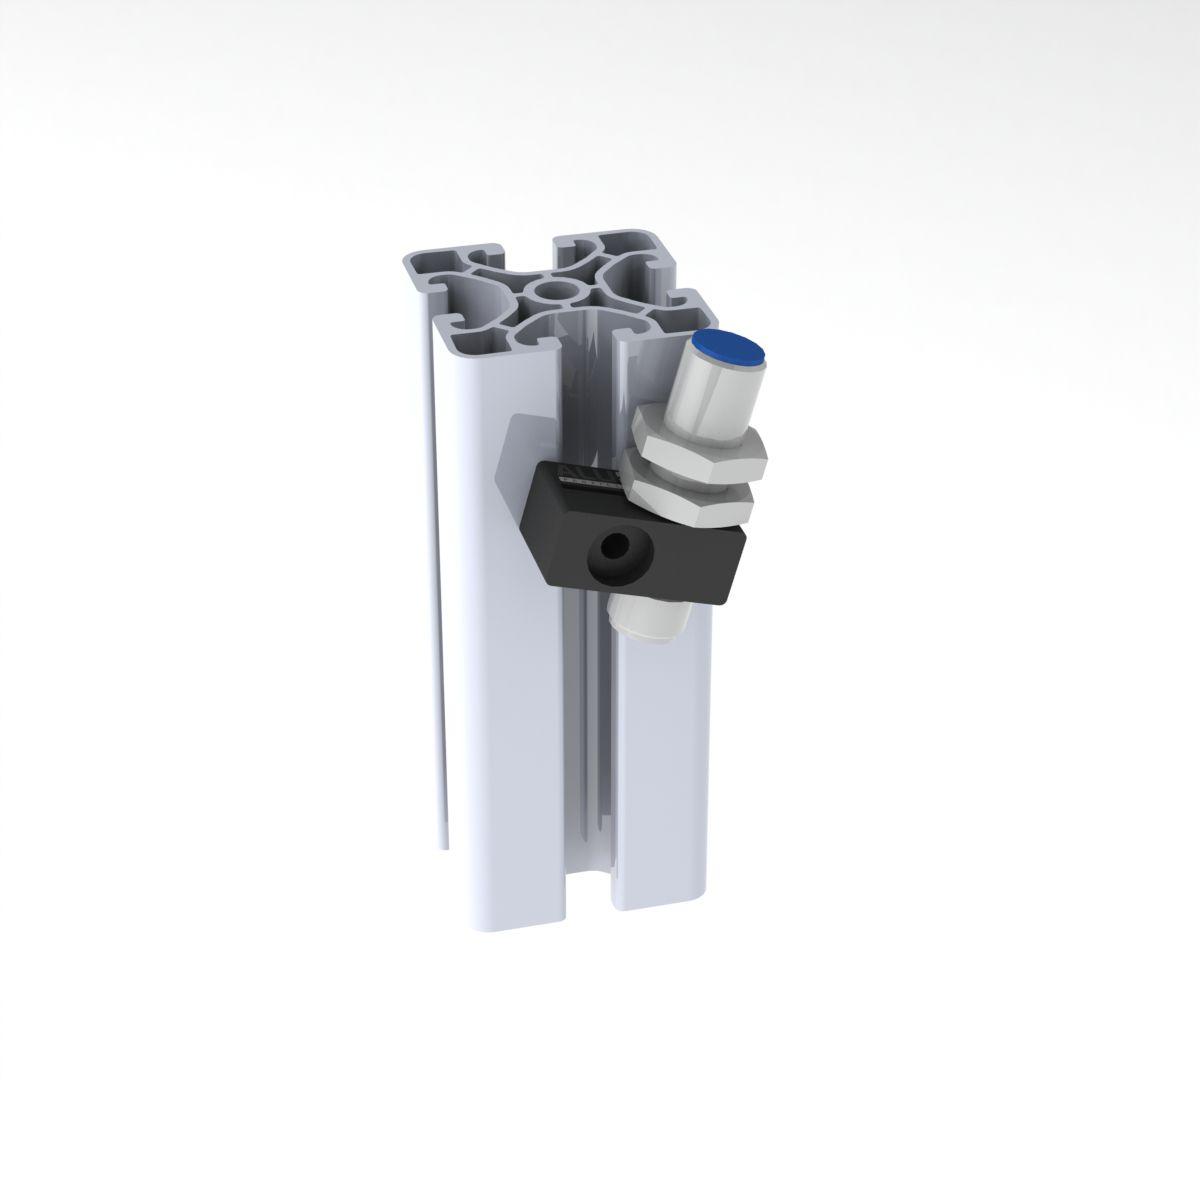 sensorhouder voor 12mm sensoren